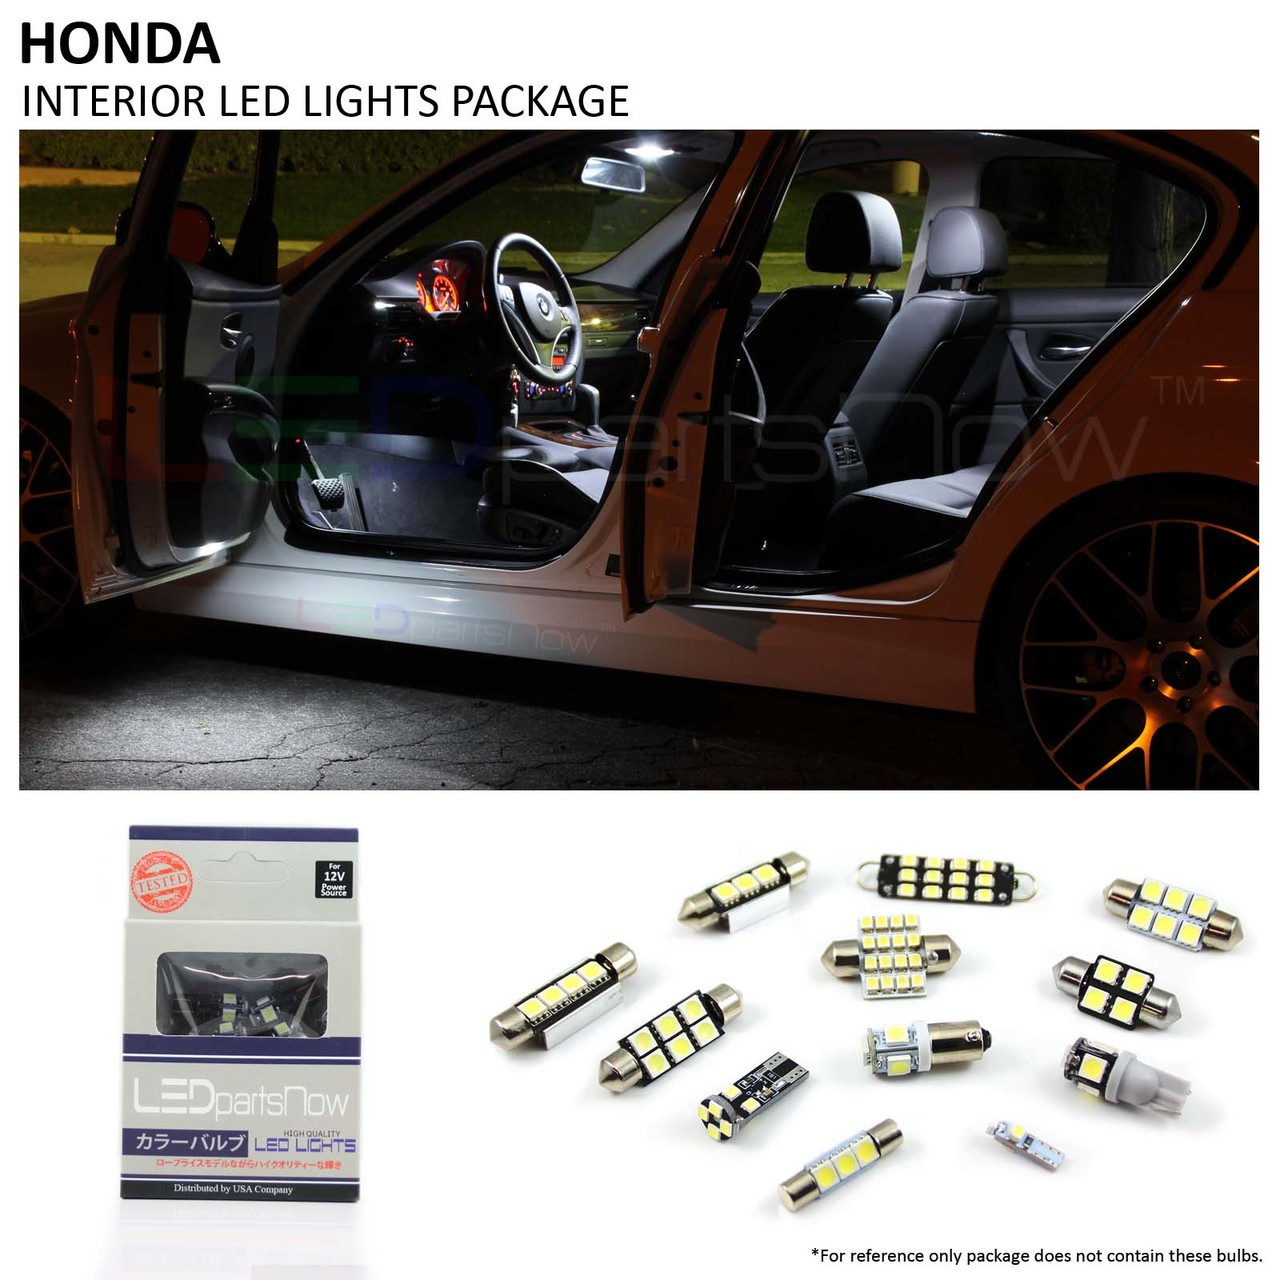 LED Parts Now